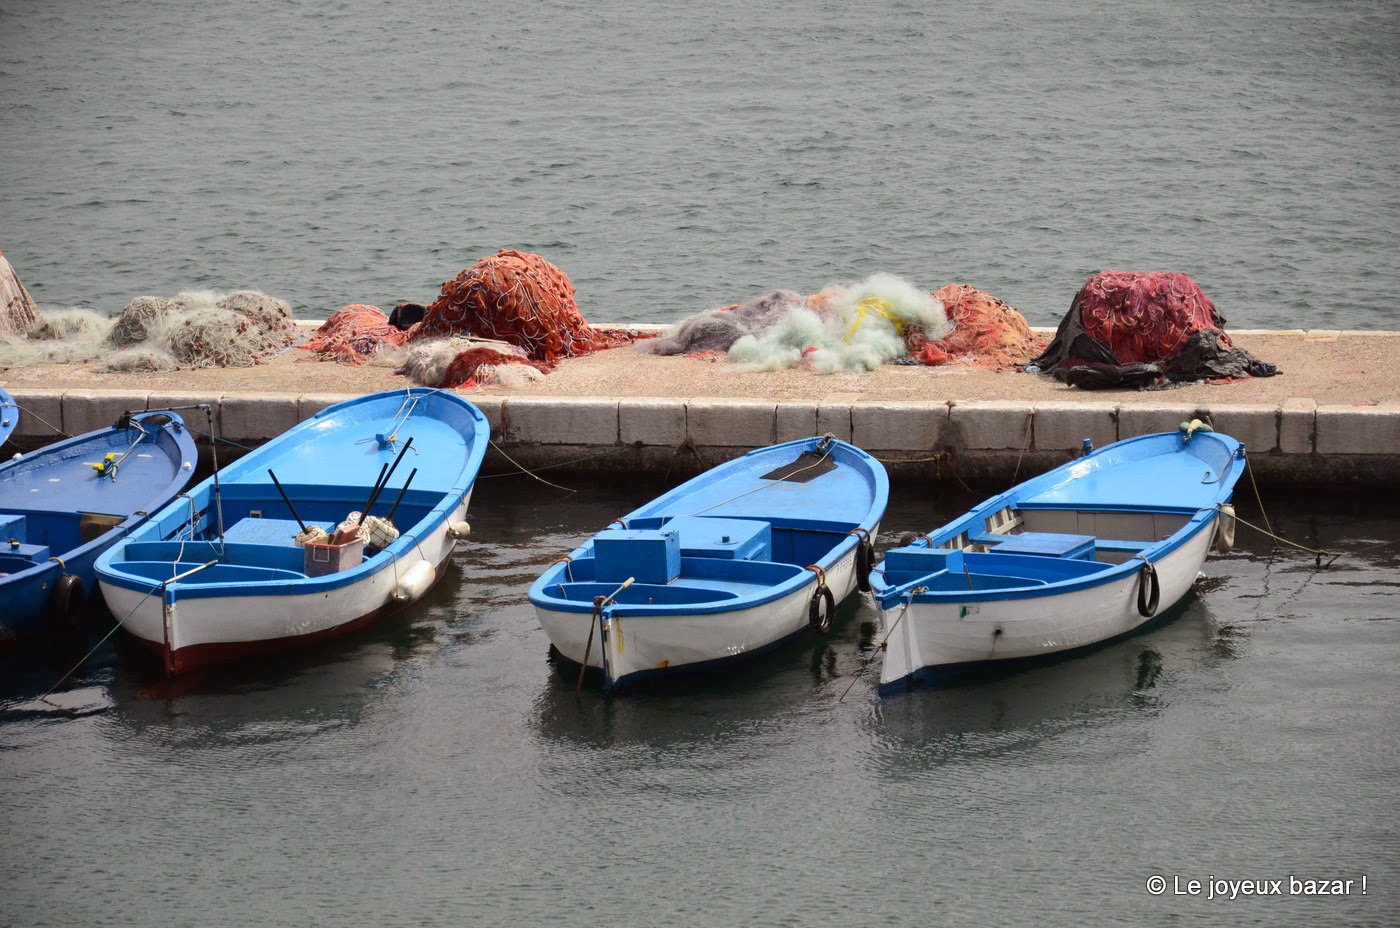 Italie - Les Pouilles  - Gallipoli